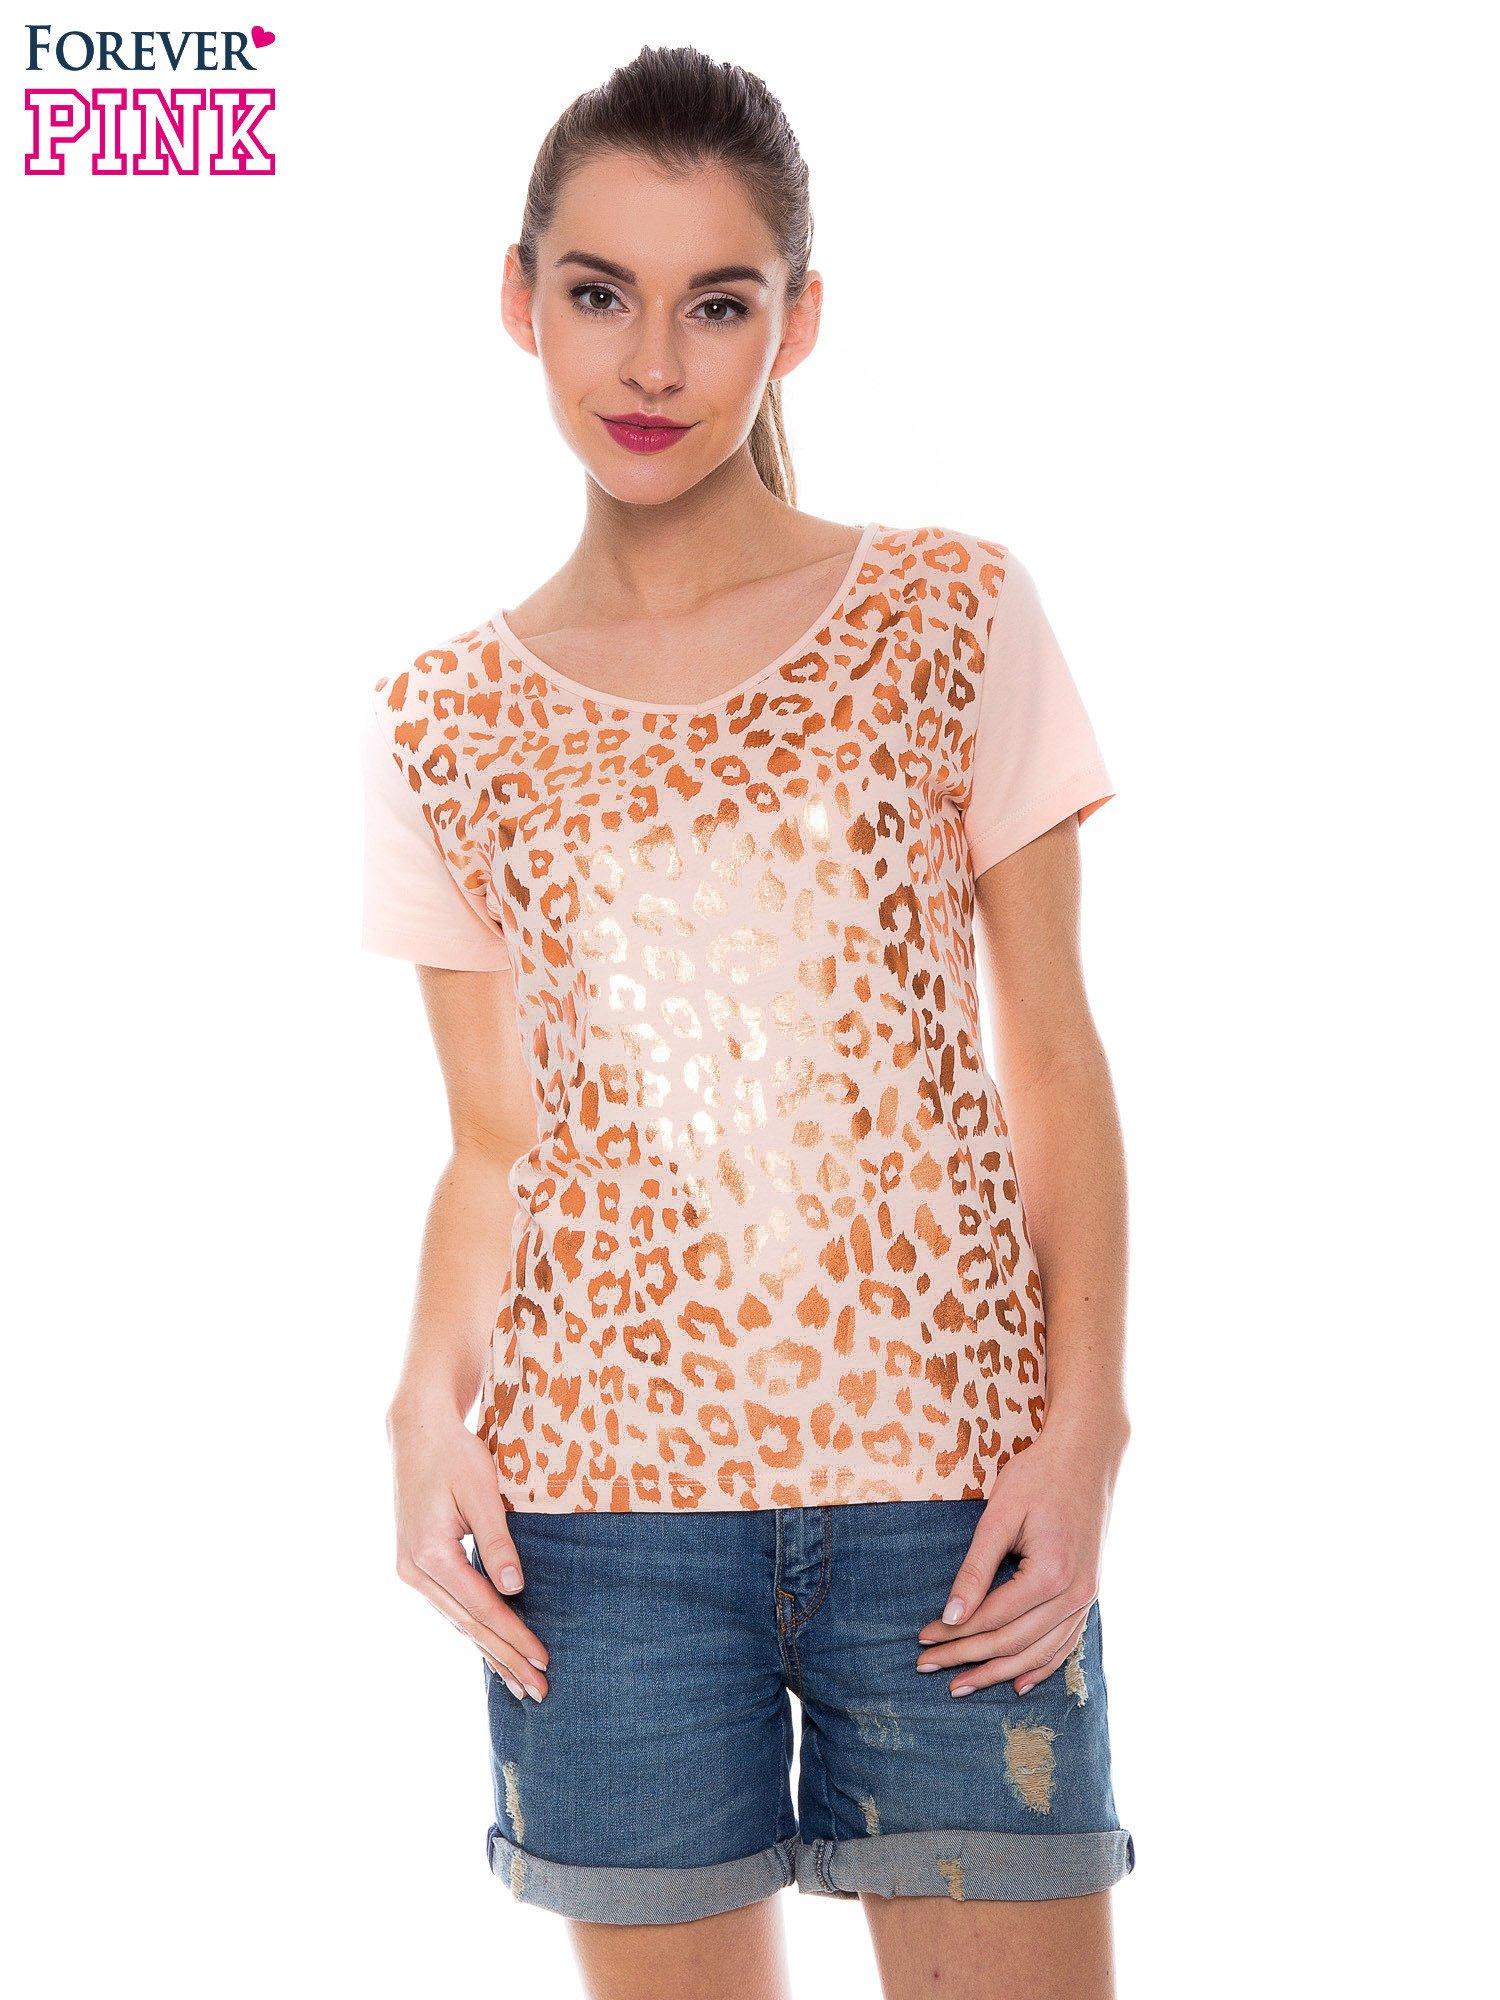 Pomarańczowokoralowy t-shirt z metalicznym nadrukiem w cętki pantery                                  zdj.                                  1